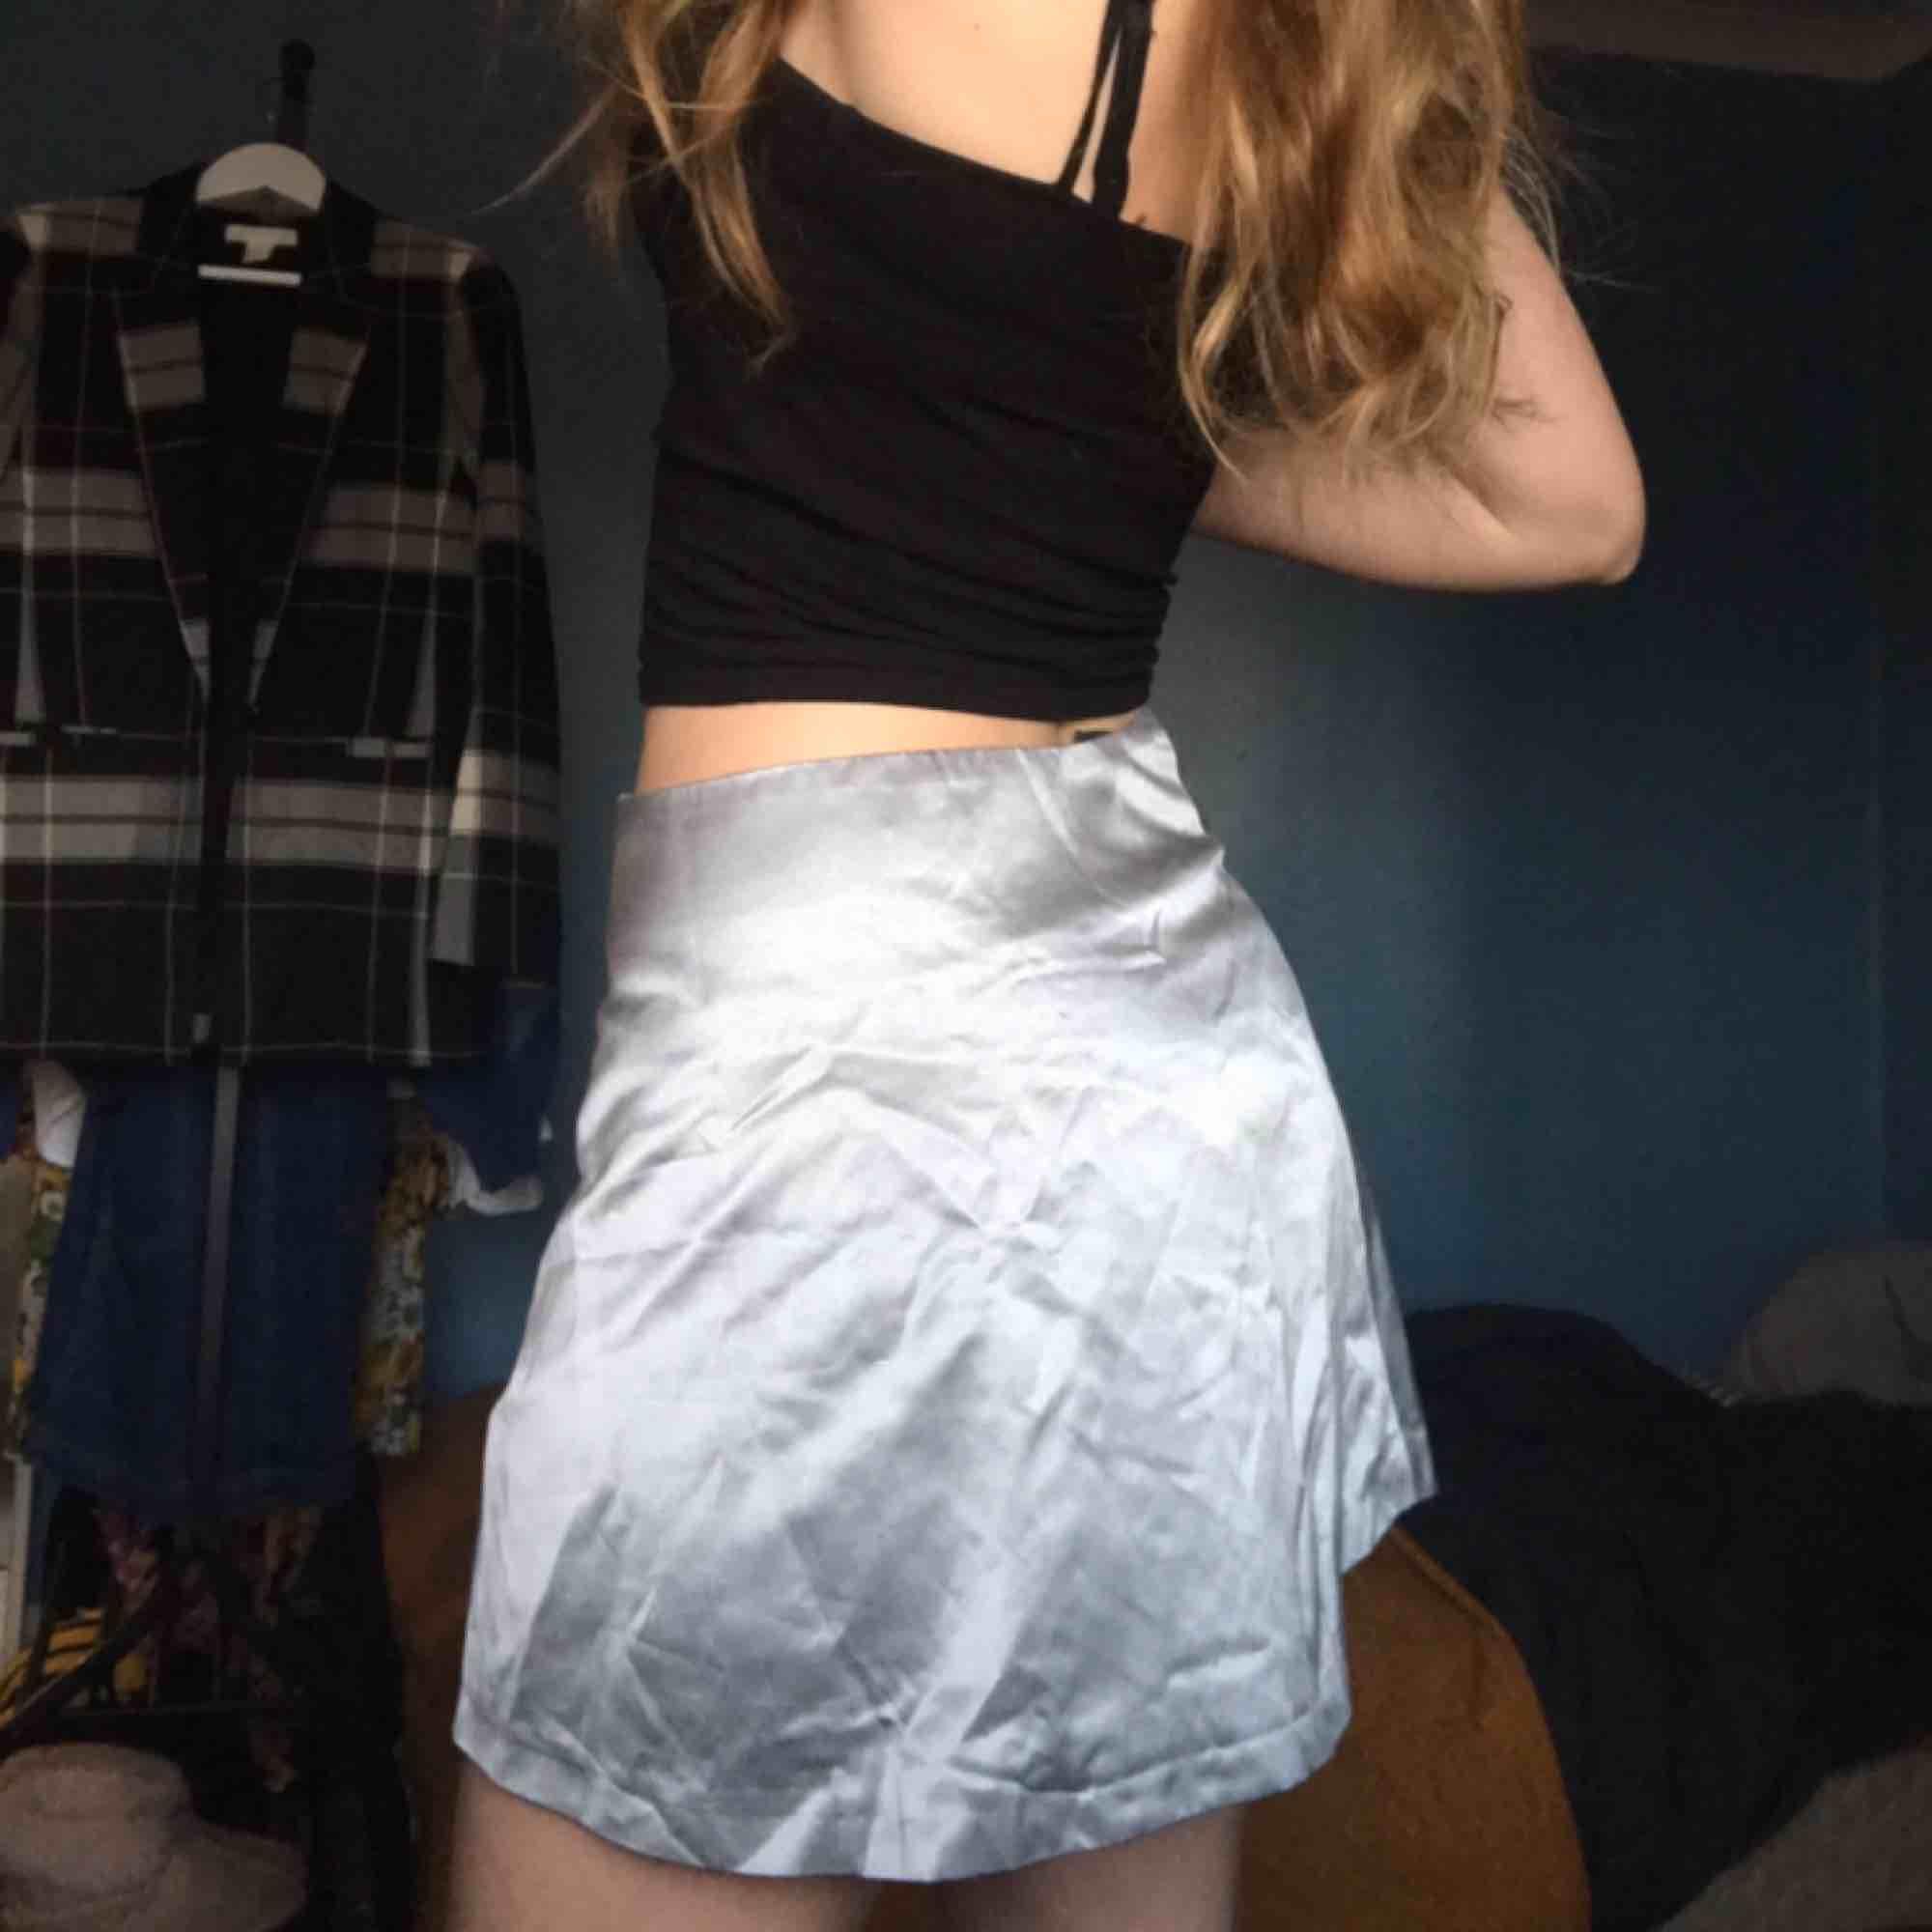 Super snygg 90-tals kjol ifrån Säfi i silvrigt material💿 Väldigt mjuk o fin då den är gjord i 40%silke! Har själv stl 36 så passar bra på höfterna på mig för att få den ultimata 90-tals looken💅🏼. Kjolar.